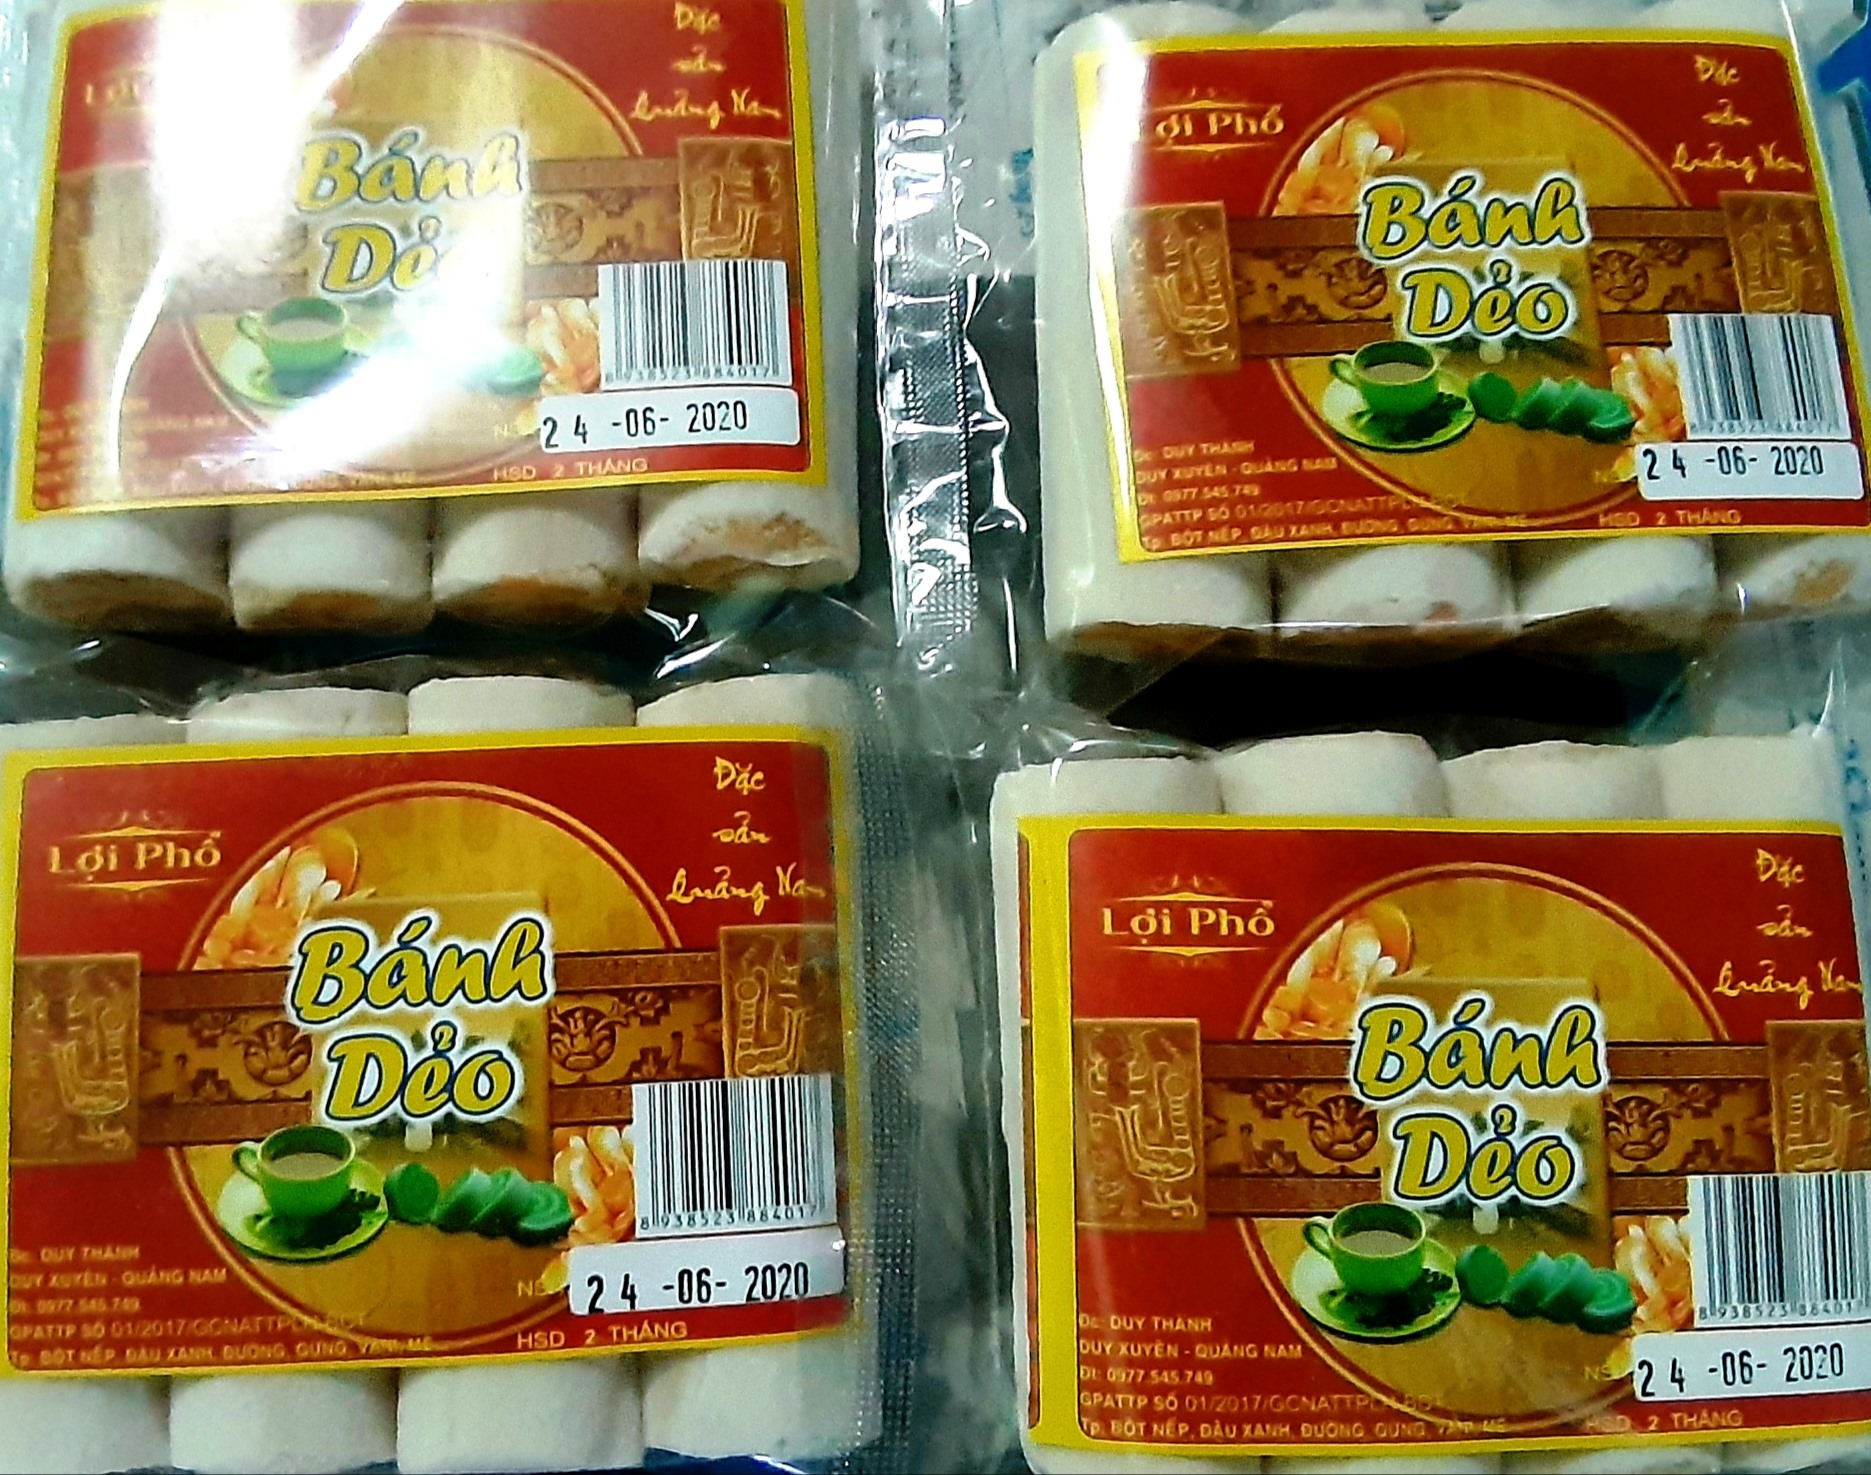 Sản phẩm bánh dẻo của cơ sở Lợi Phổ được người tiêu dùng đón nhận nhờ mang hương vị rất riêng. Ảnh: H.N